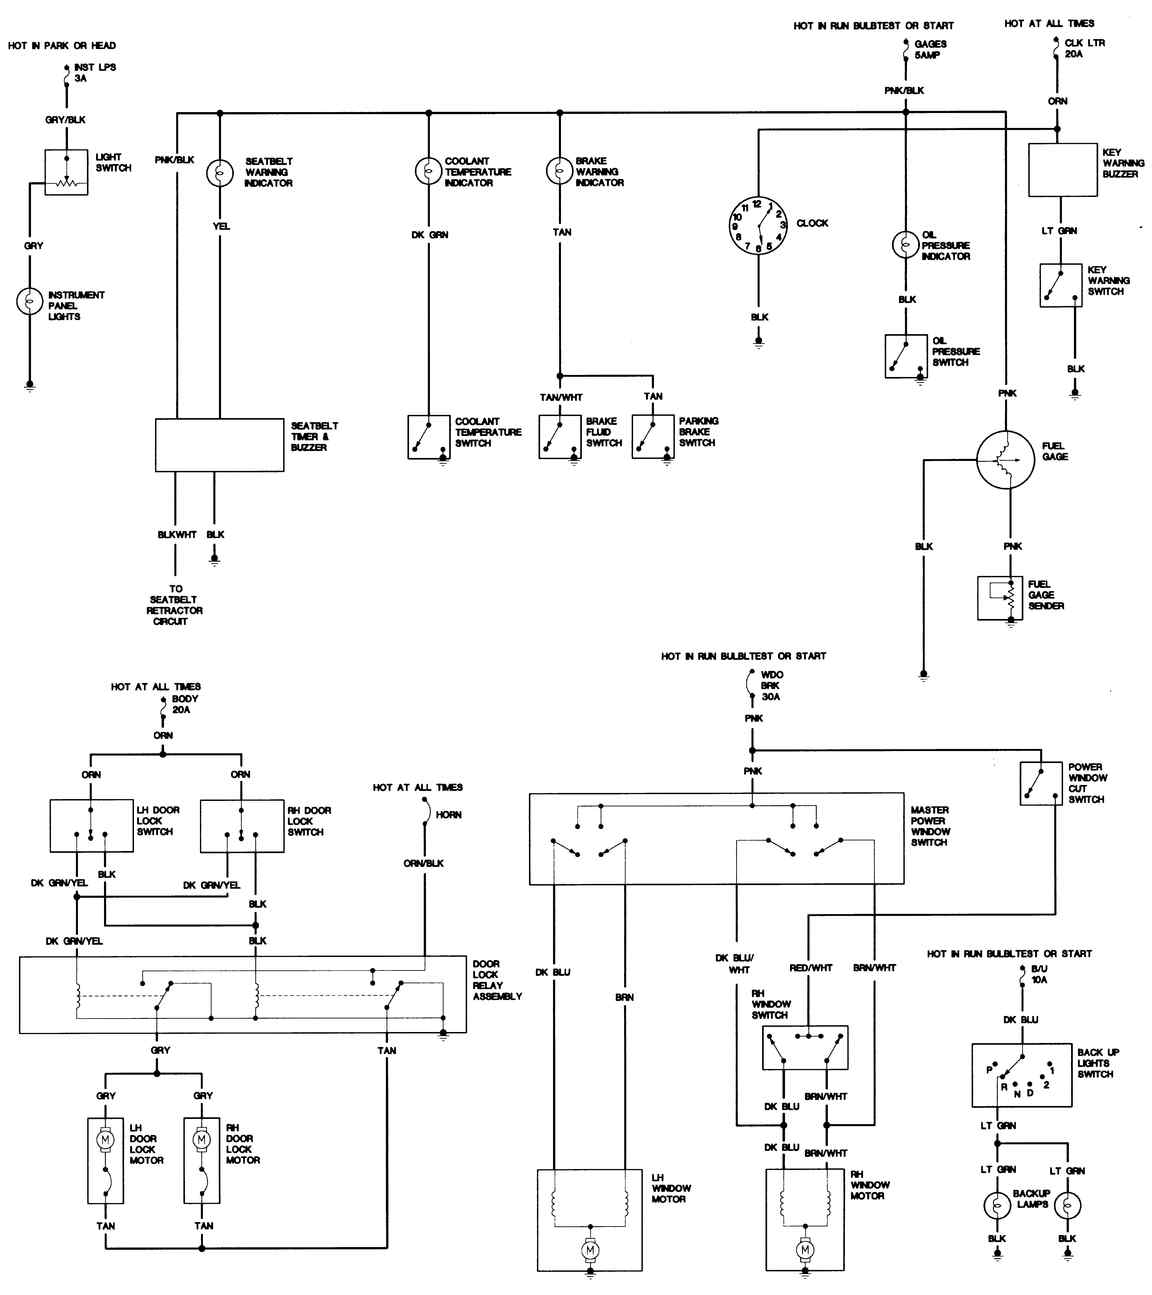 1997 cadillac deville wiring diagrams enthusiast wiring diagrams u2022 rh rasalibre co